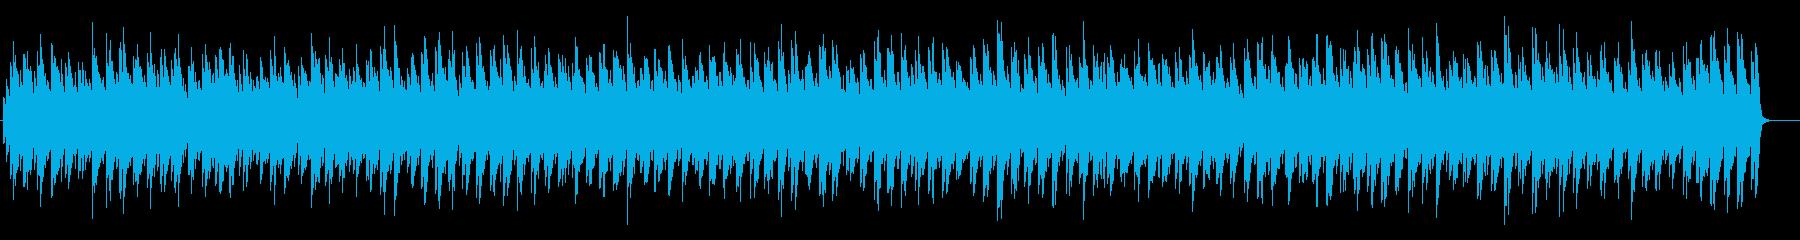 クールでミニマルなテクスチャーの再生済みの波形